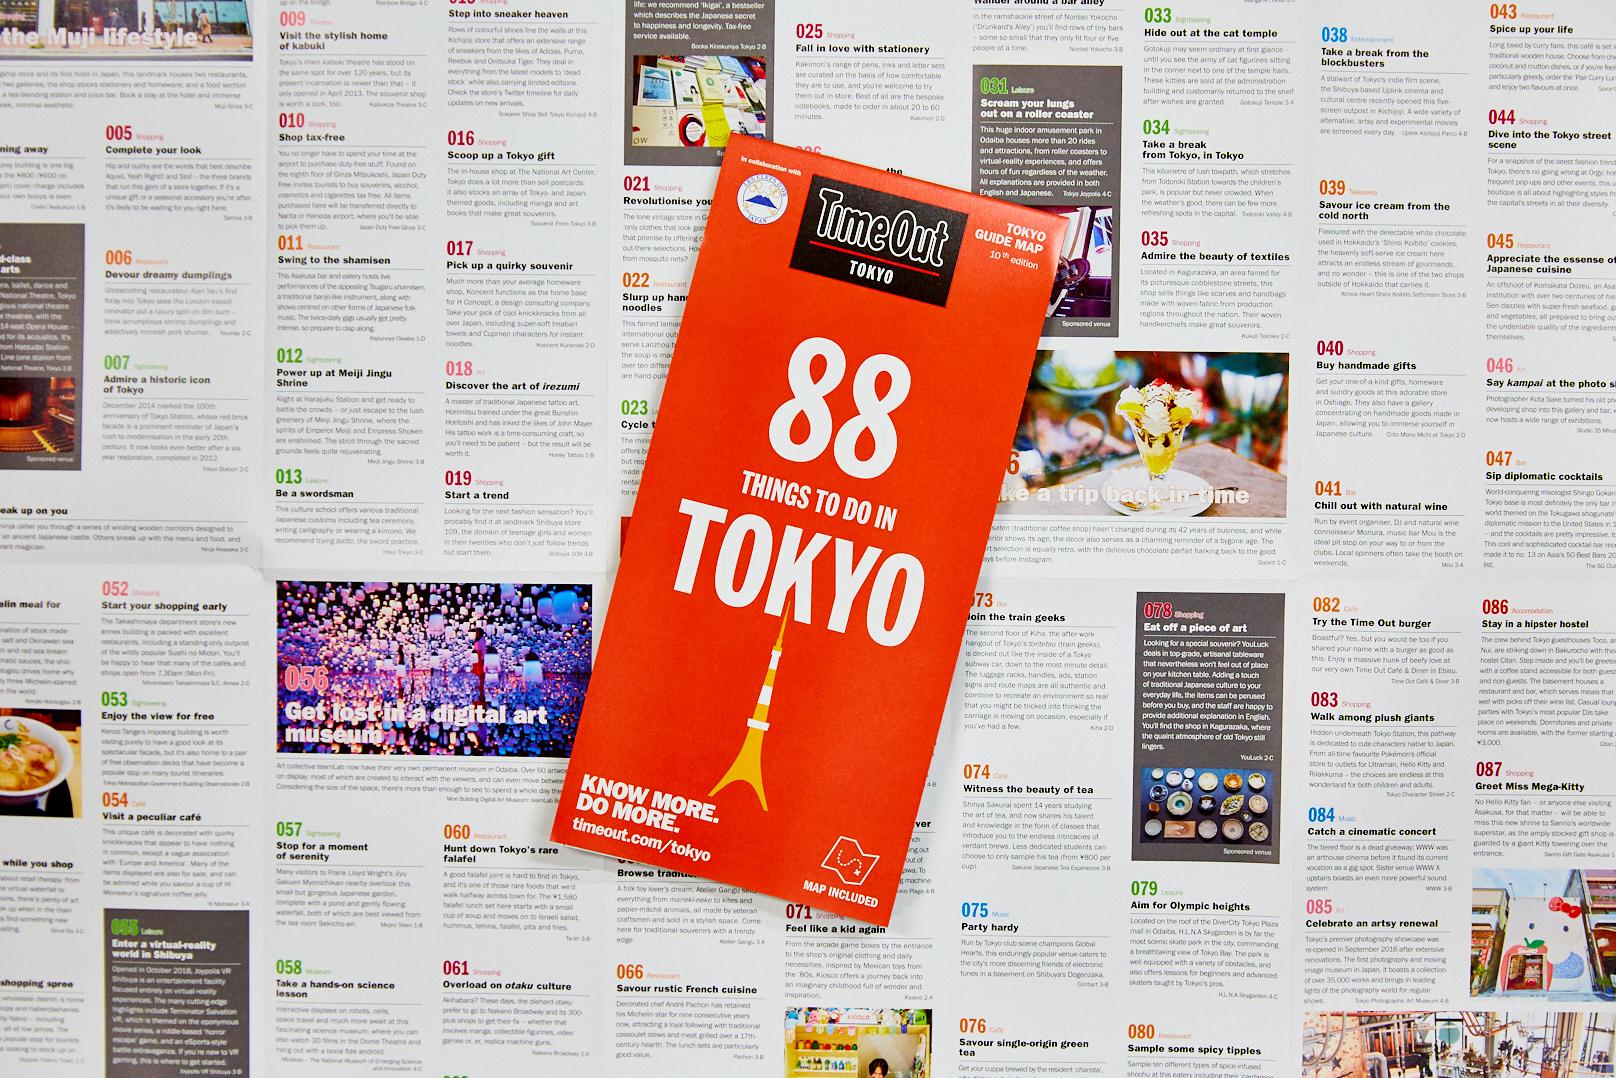 「東京でしかできない88のこと」(英語版)第10版がリリース